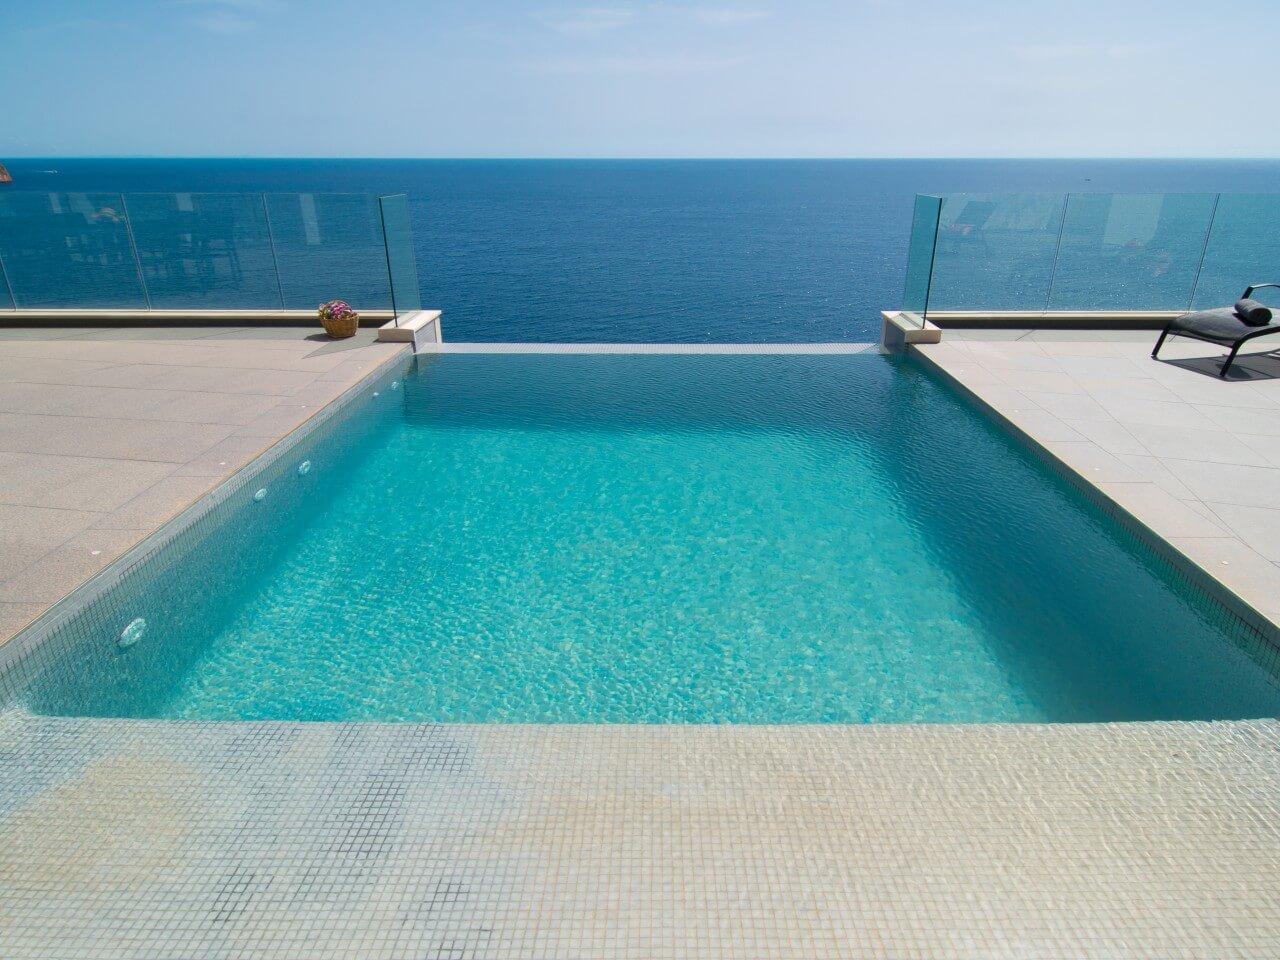 Villa canyamel design ferienhaus auf mallorca direkt am meer for Kapfer pool design mallorca